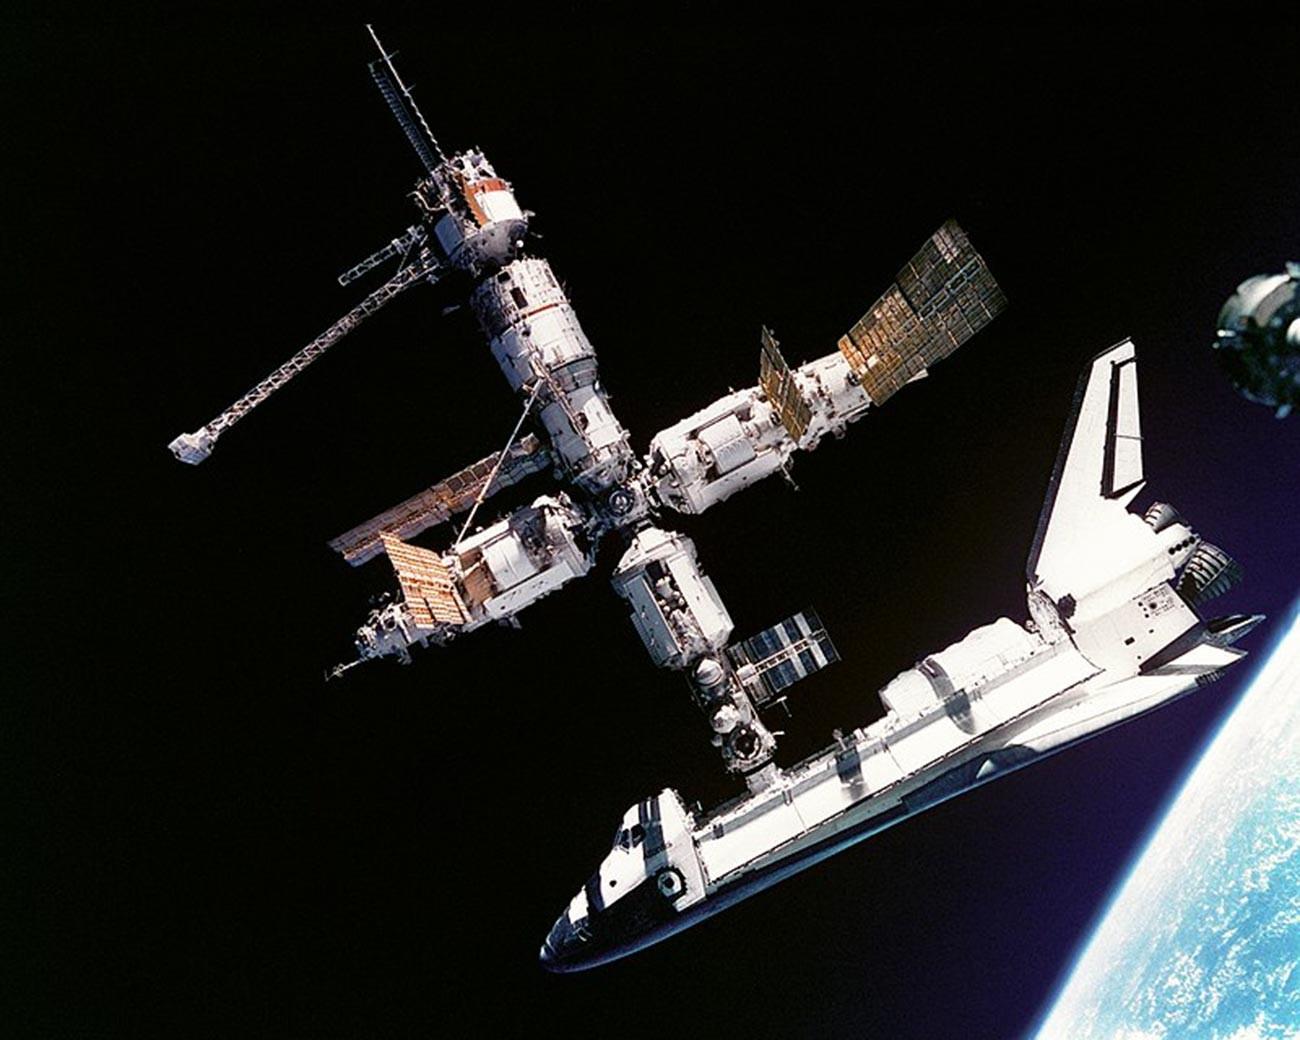 Questa vista dello Space Shuttle Atlantis ancora collegato alla stazione spaziale russa Mir è stata fotografata dall'equipaggio della Mir-19 il 4 luglio 1995